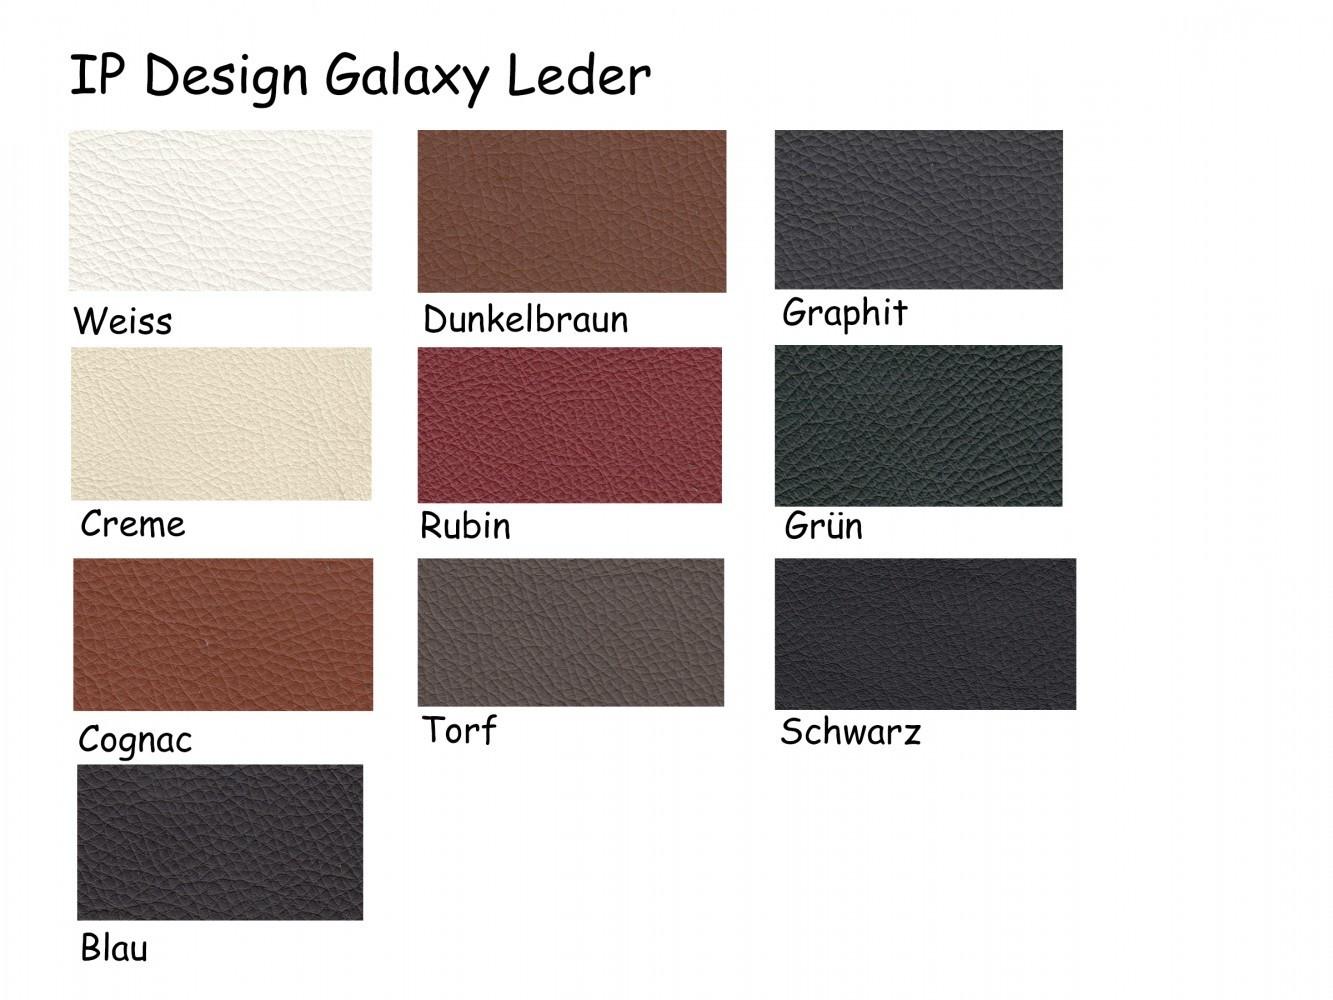 ip design ledersessel curve versch farben werkshagen. Black Bedroom Furniture Sets. Home Design Ideas